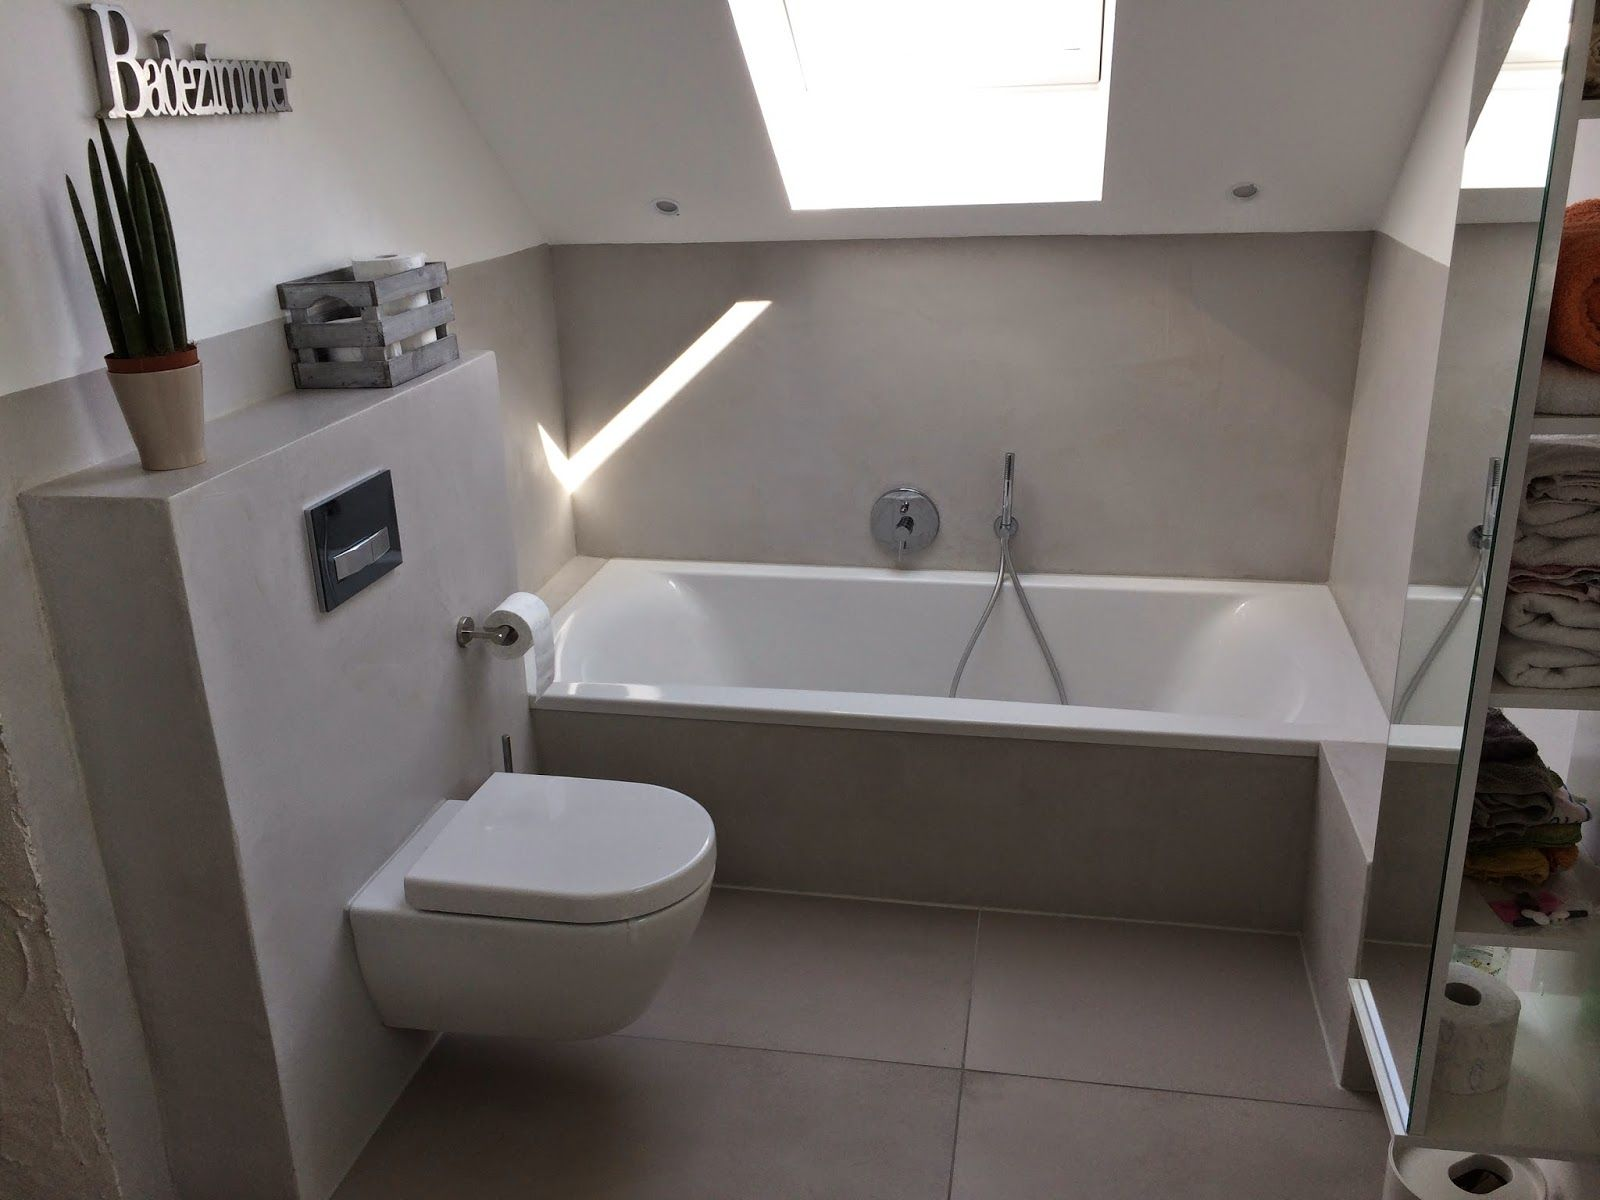 beton cire beton floor preise betonoptik microtopping kosten kaufen preise verarbeitung. Black Bedroom Furniture Sets. Home Design Ideas